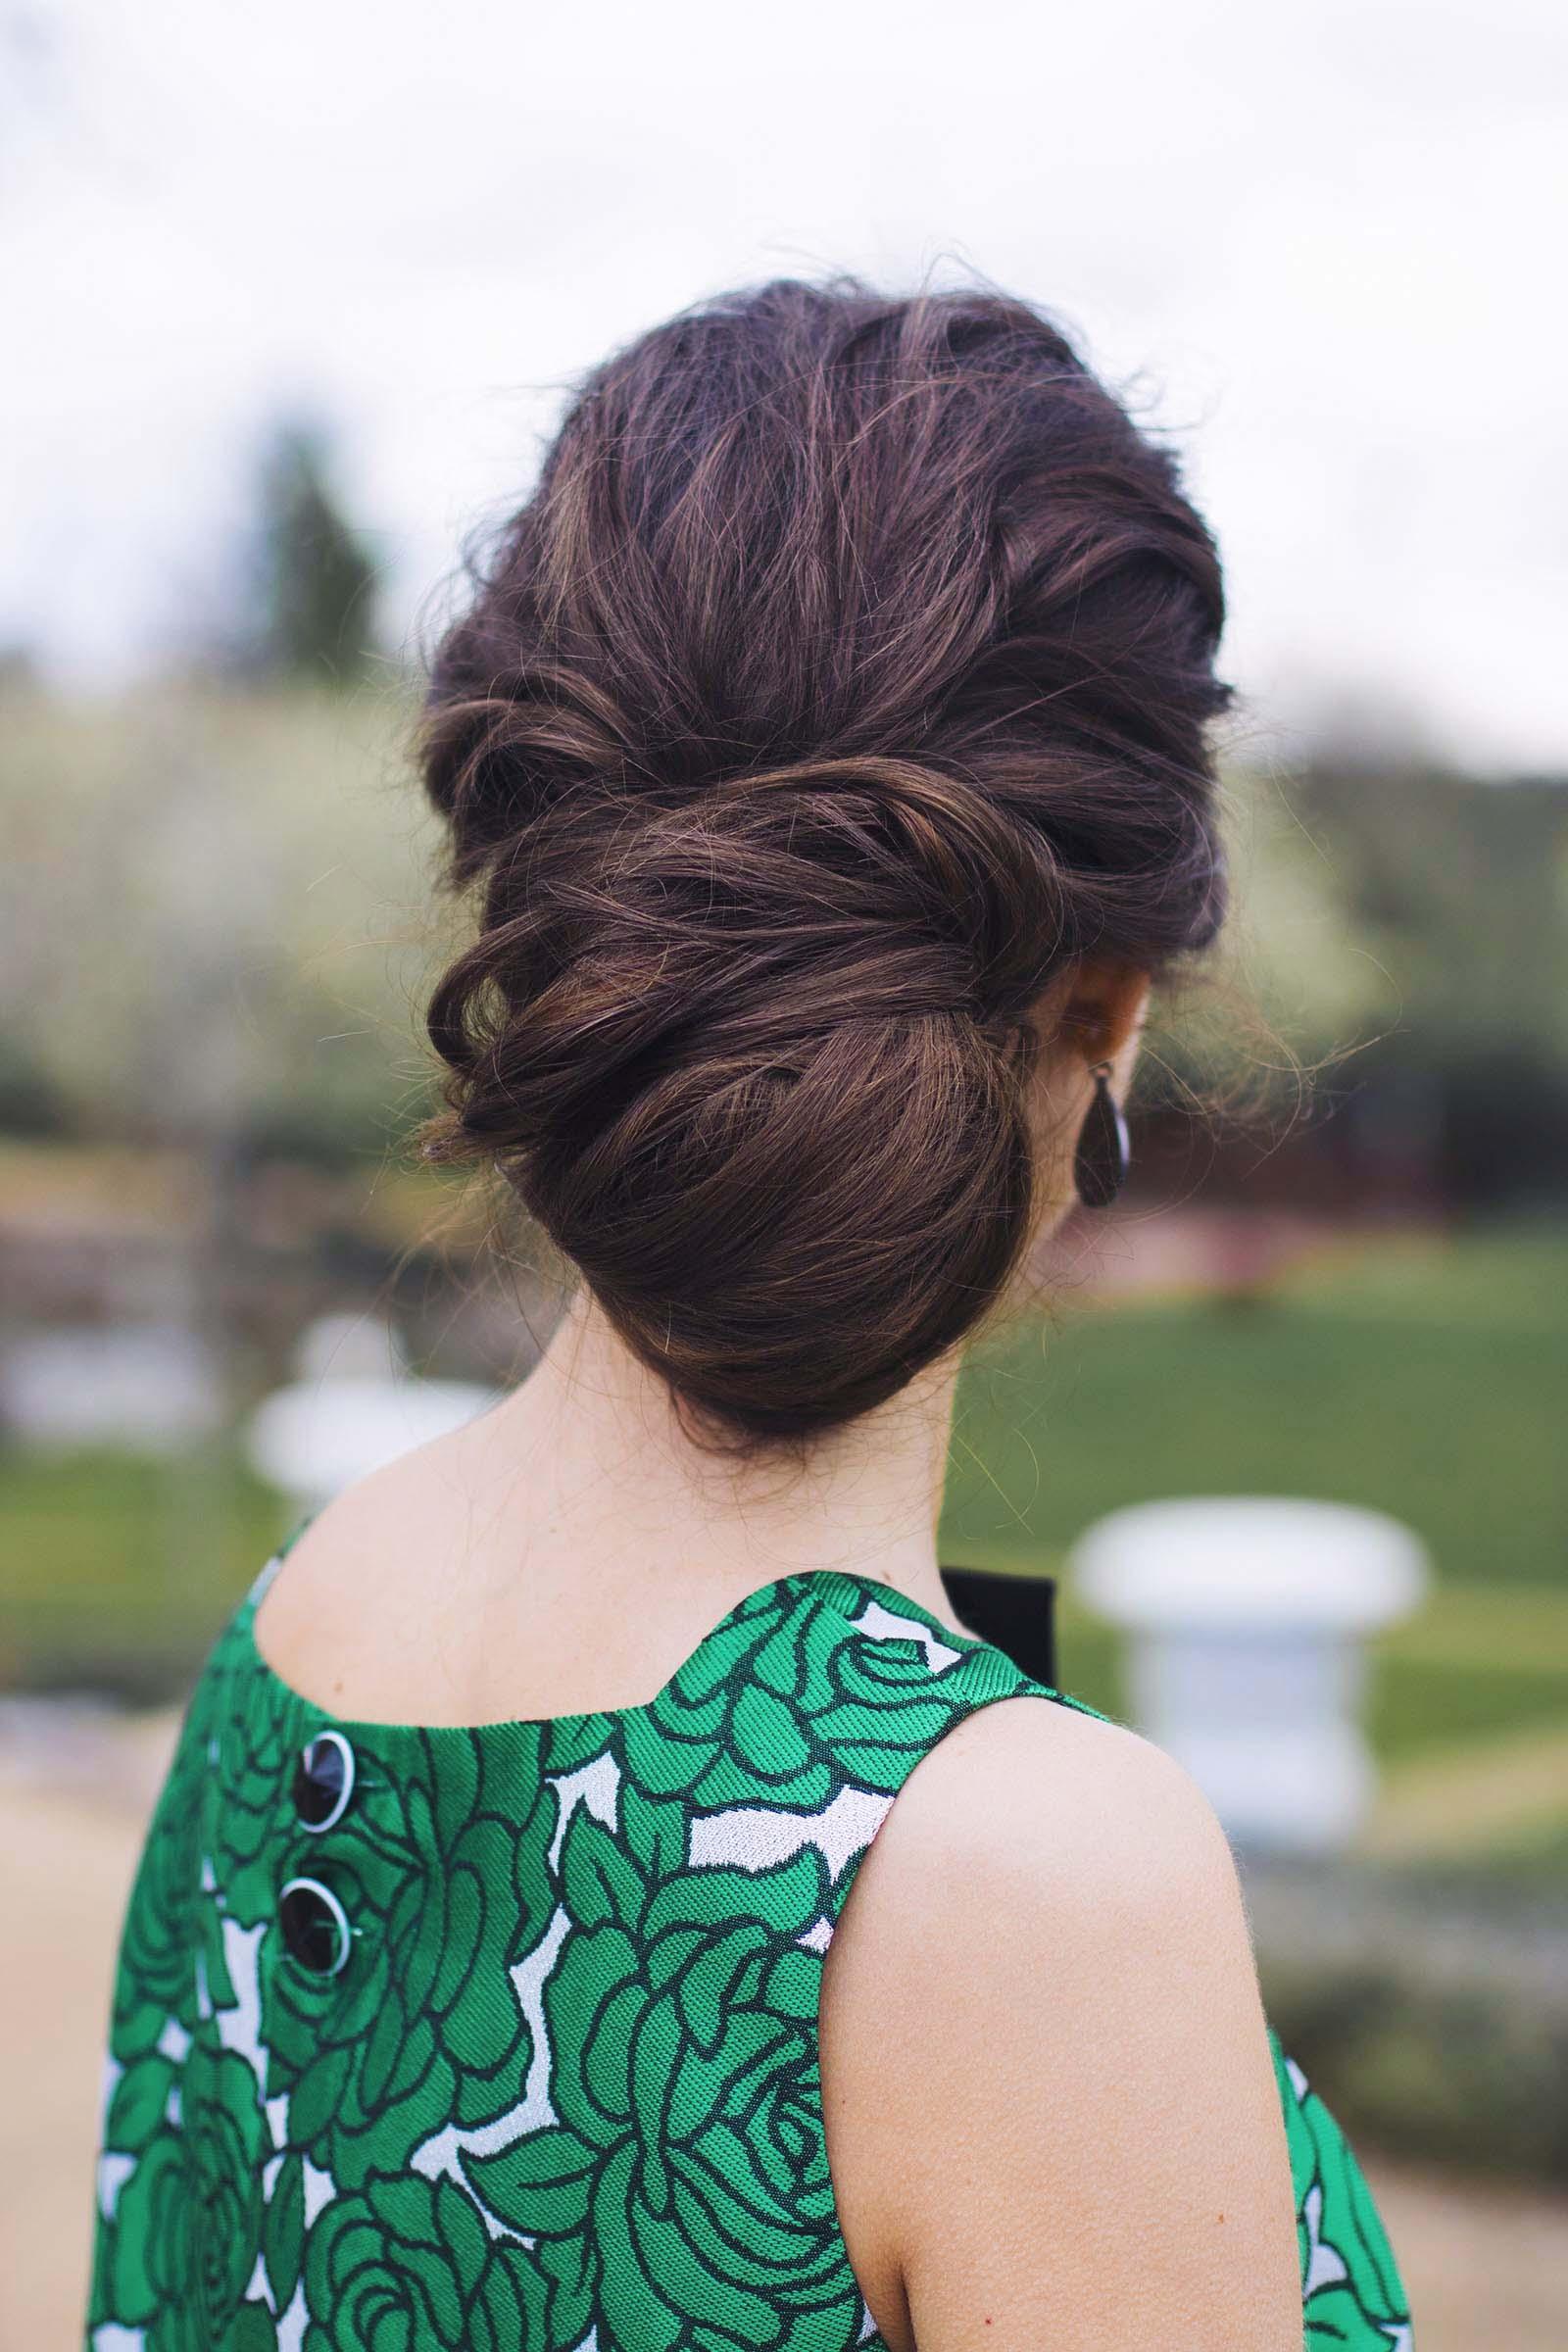 Peinados De Novia Moos Bajos Trendy Peinados Recogidos Para Novias - Peinados-de-novia-moos-bajos